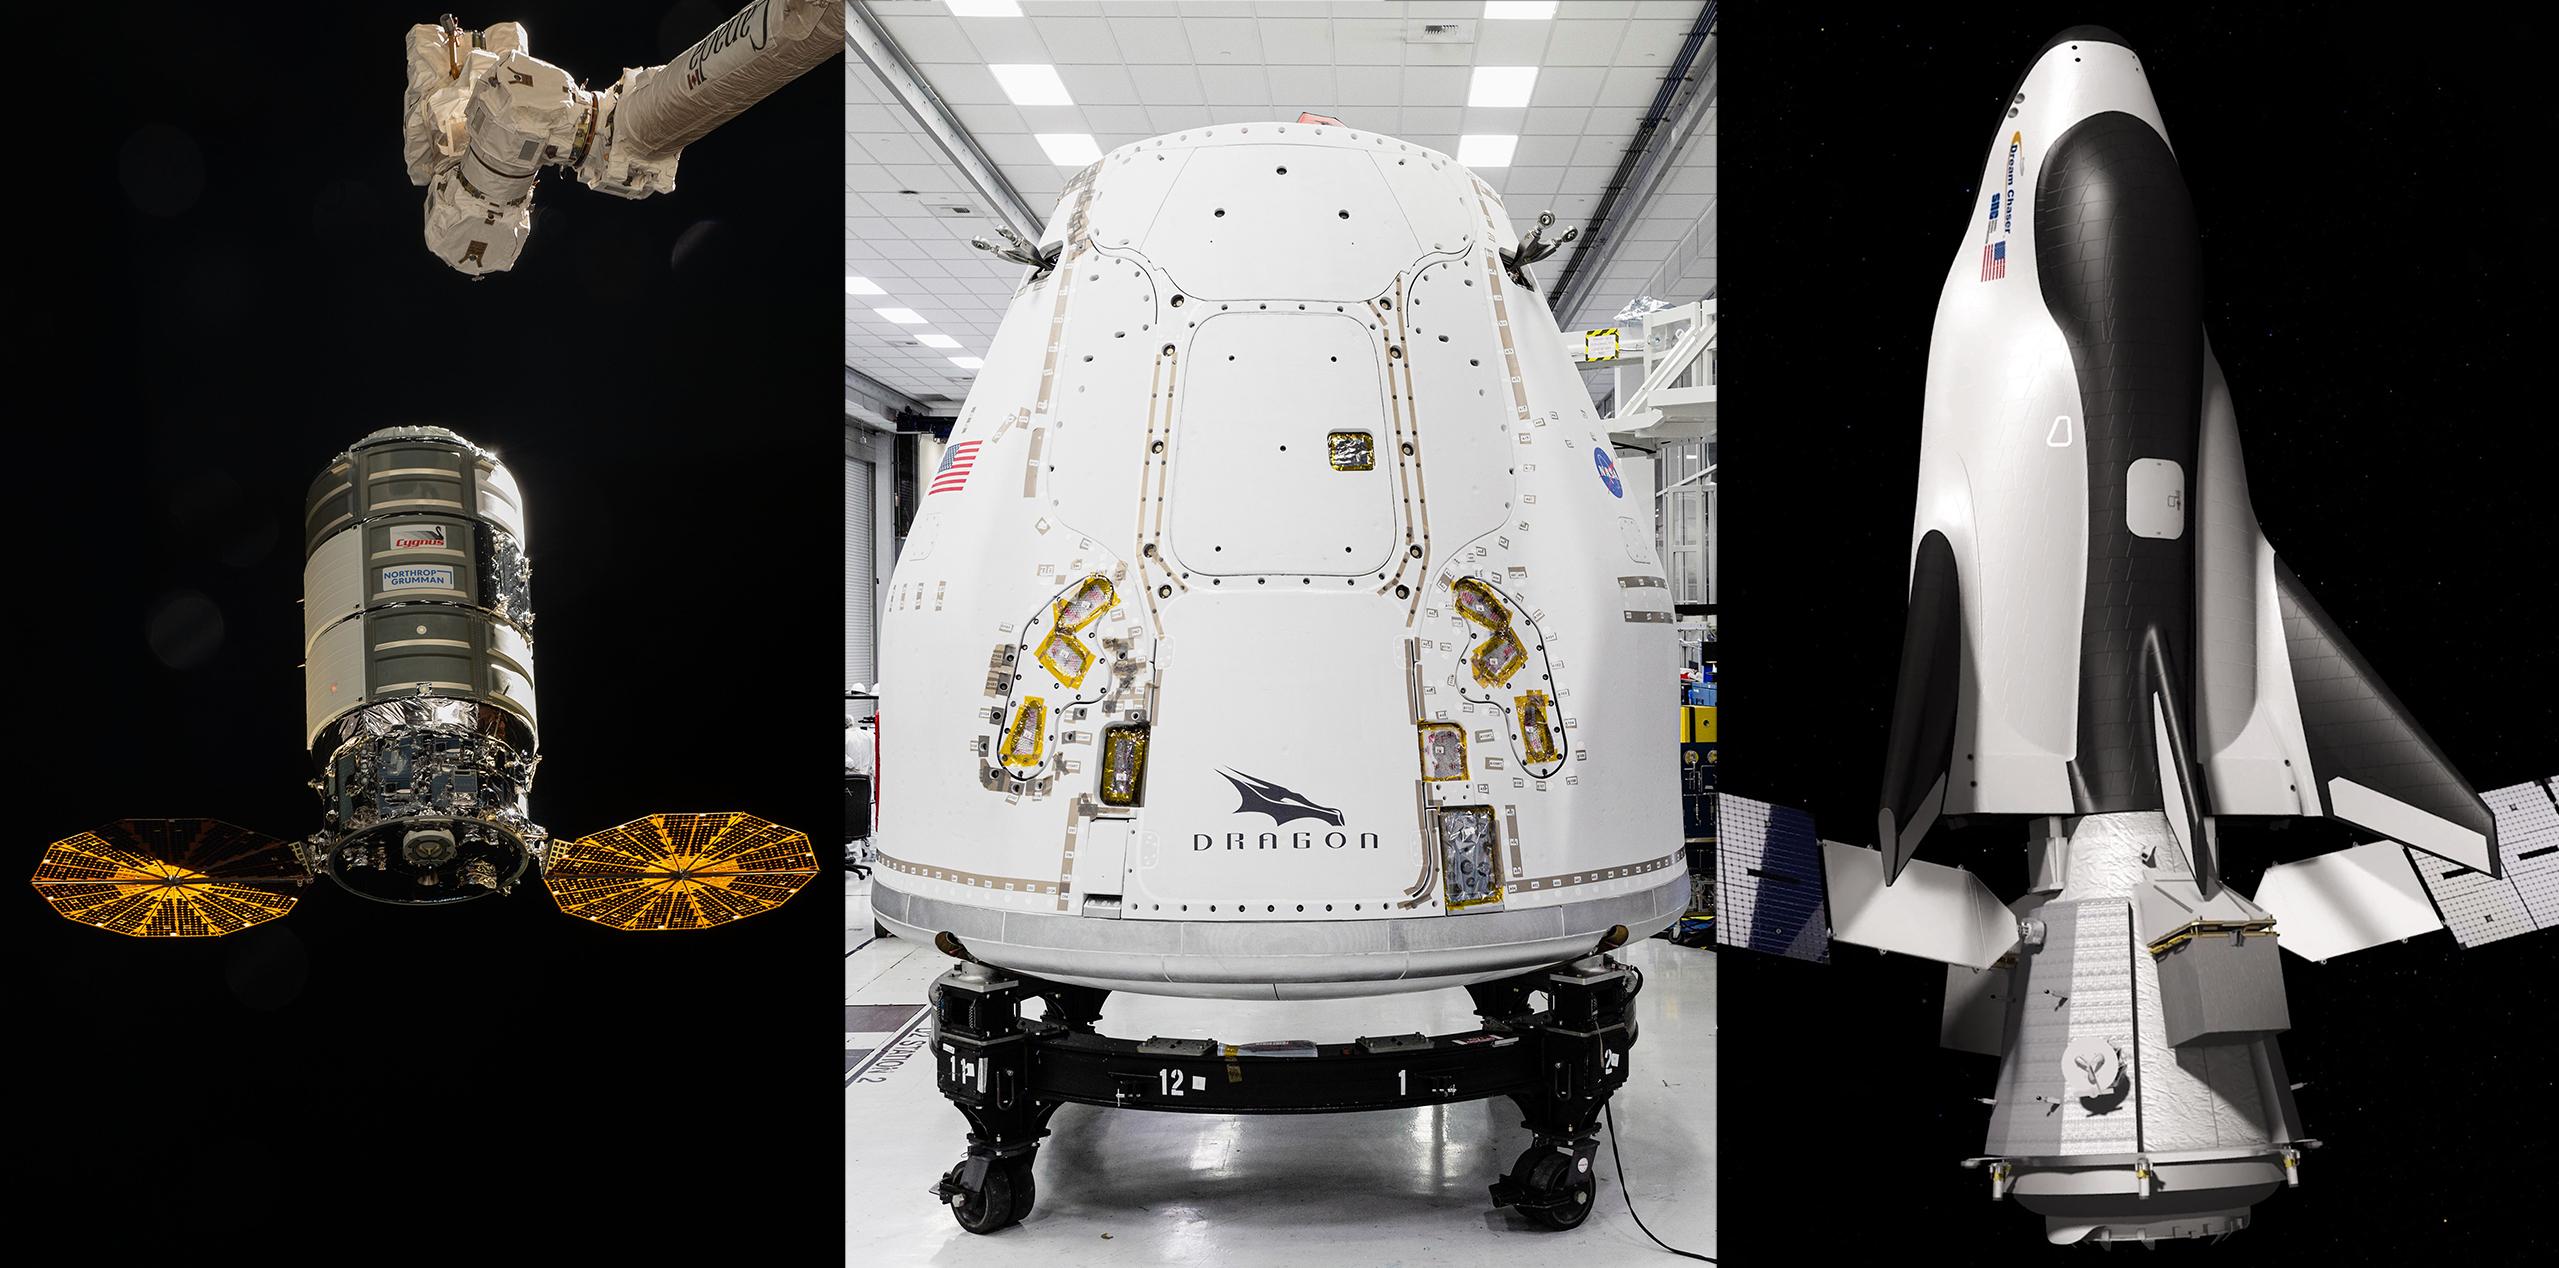 Cygnus CRS-14 NG-14 101220 (NASA) ISS arrival 1 (c)